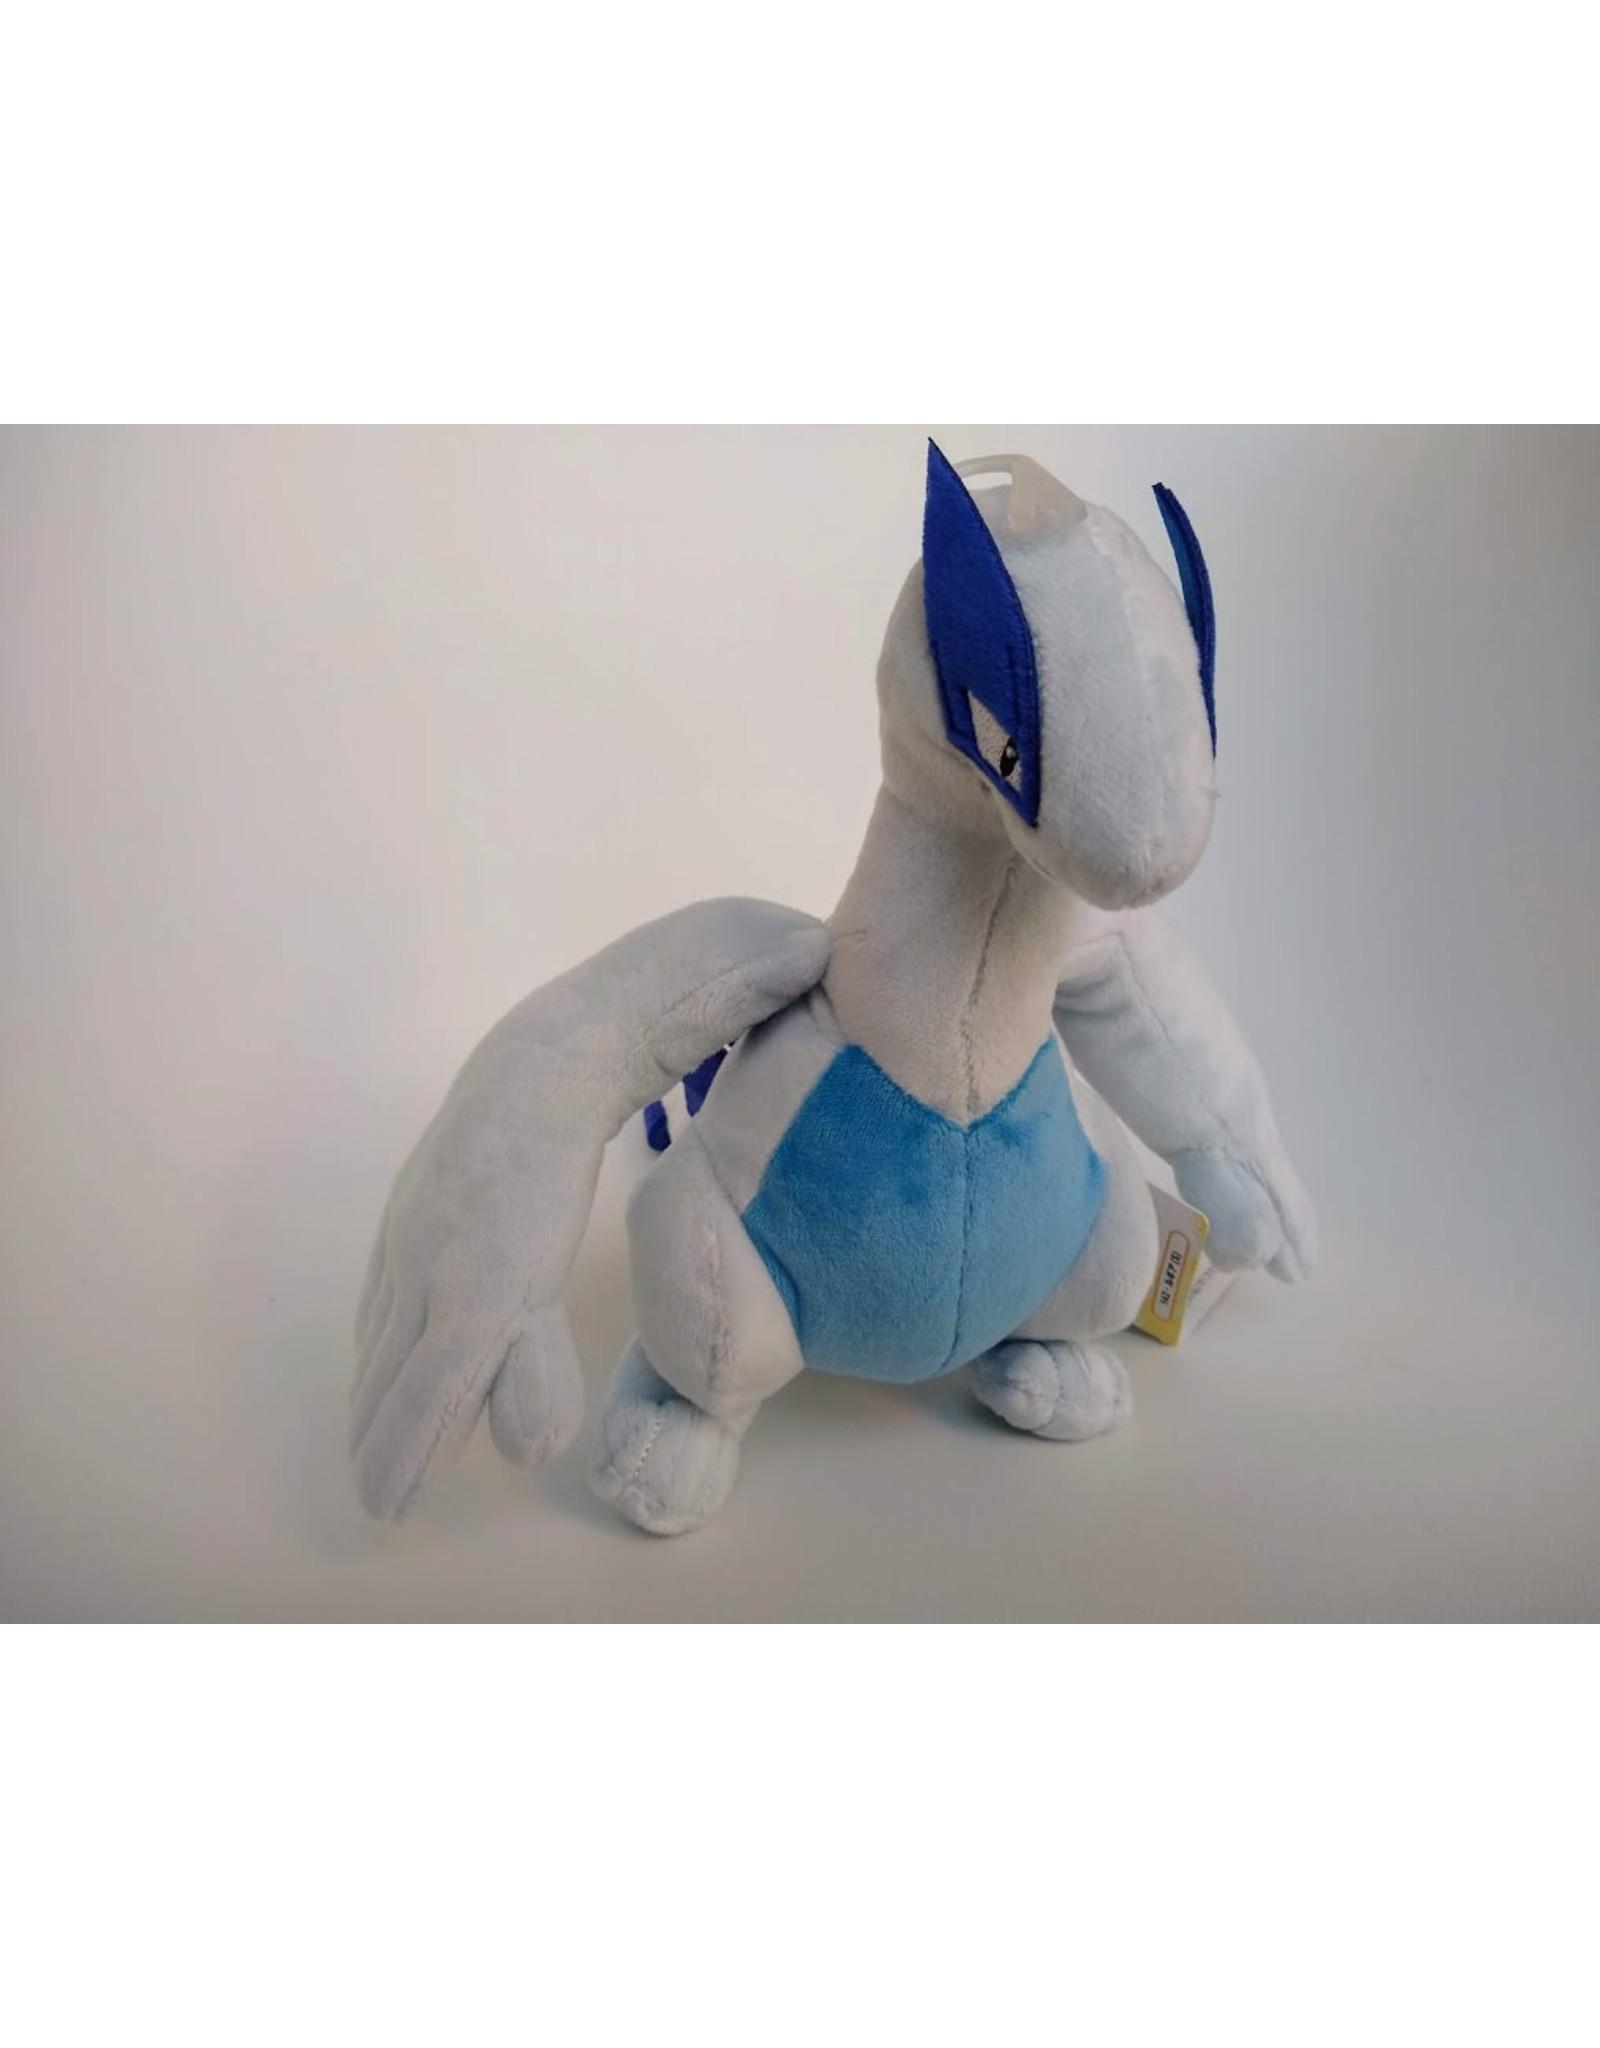 Lugia - Pokemon Plushie - 25cm (Japanese import)